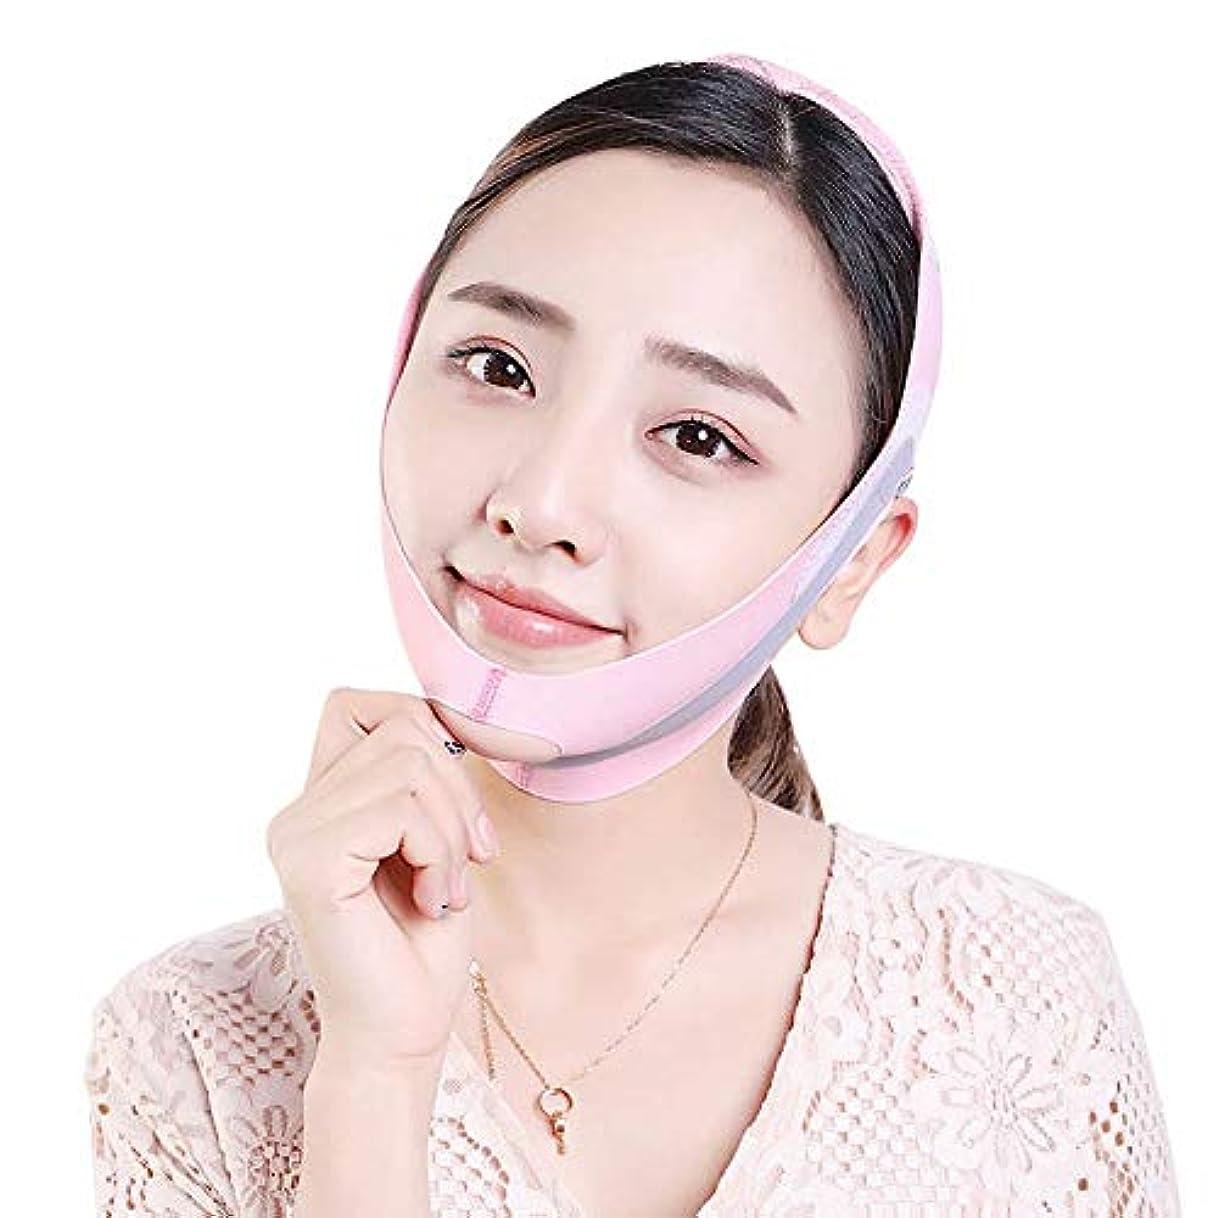 アソシエイト傀儡天窓Minmin たるみを防ぐために顔を持ち上げるために筋肉を引き締めるために二重あごのステッカーとラインを削除するために、顔を持ち上げるアーティファクト包帯があります - ピンク みんみんVラインフェイスマスク